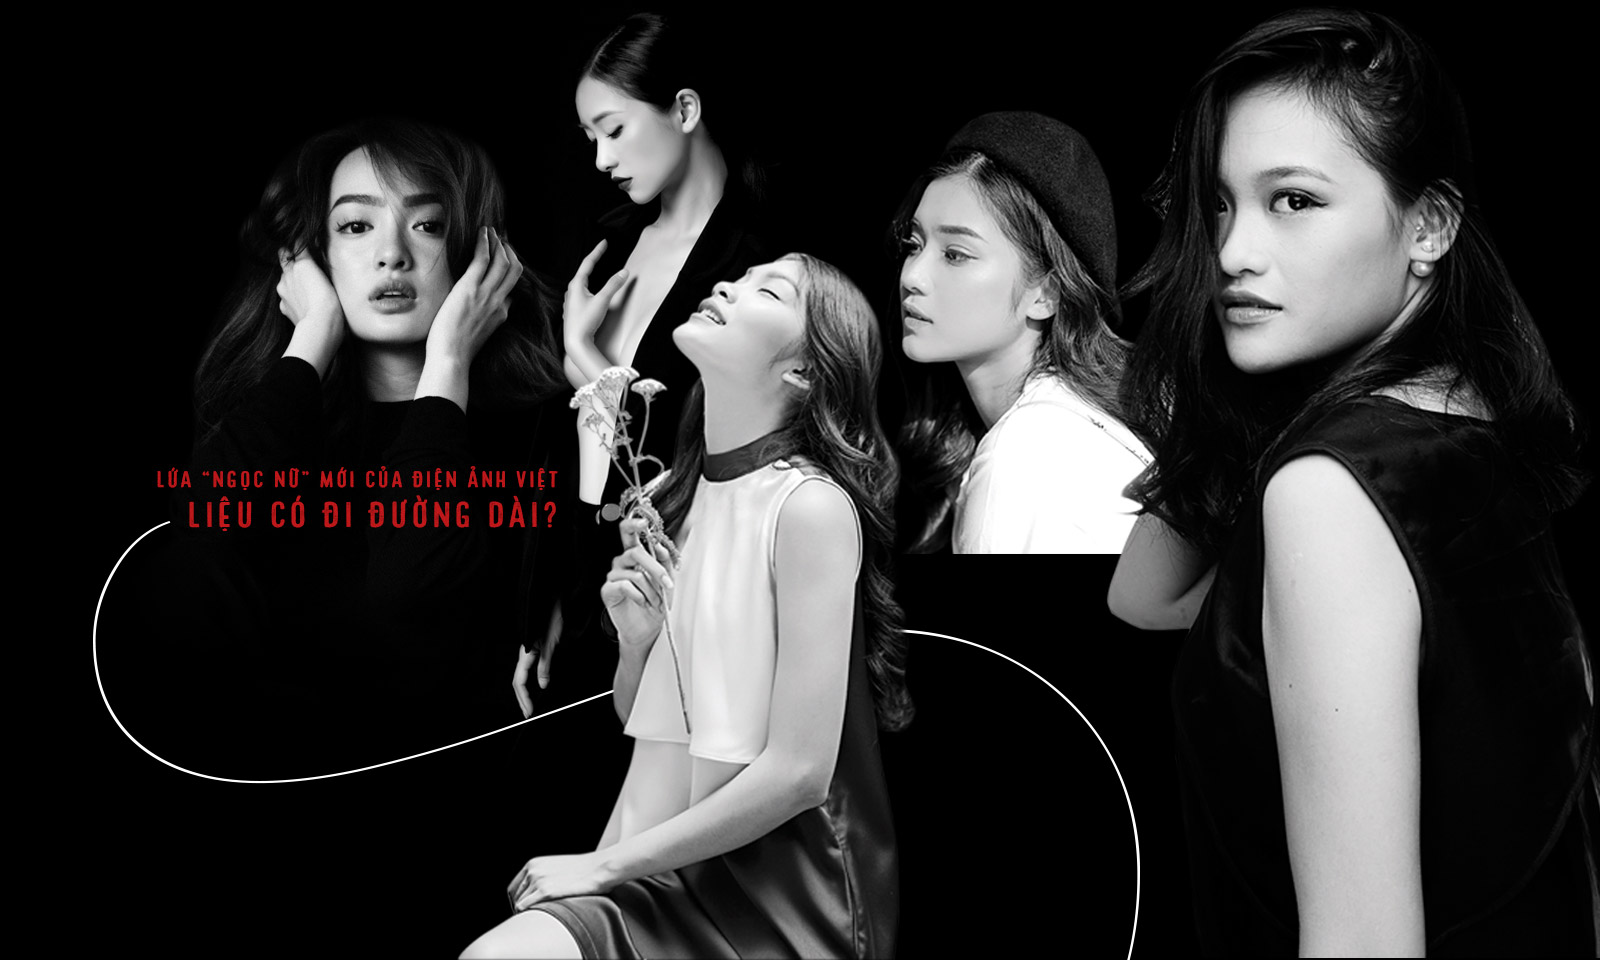 Lứa 'ngọc nữ' mới của điện ảnh Việt: Liệu có đi đường dài?